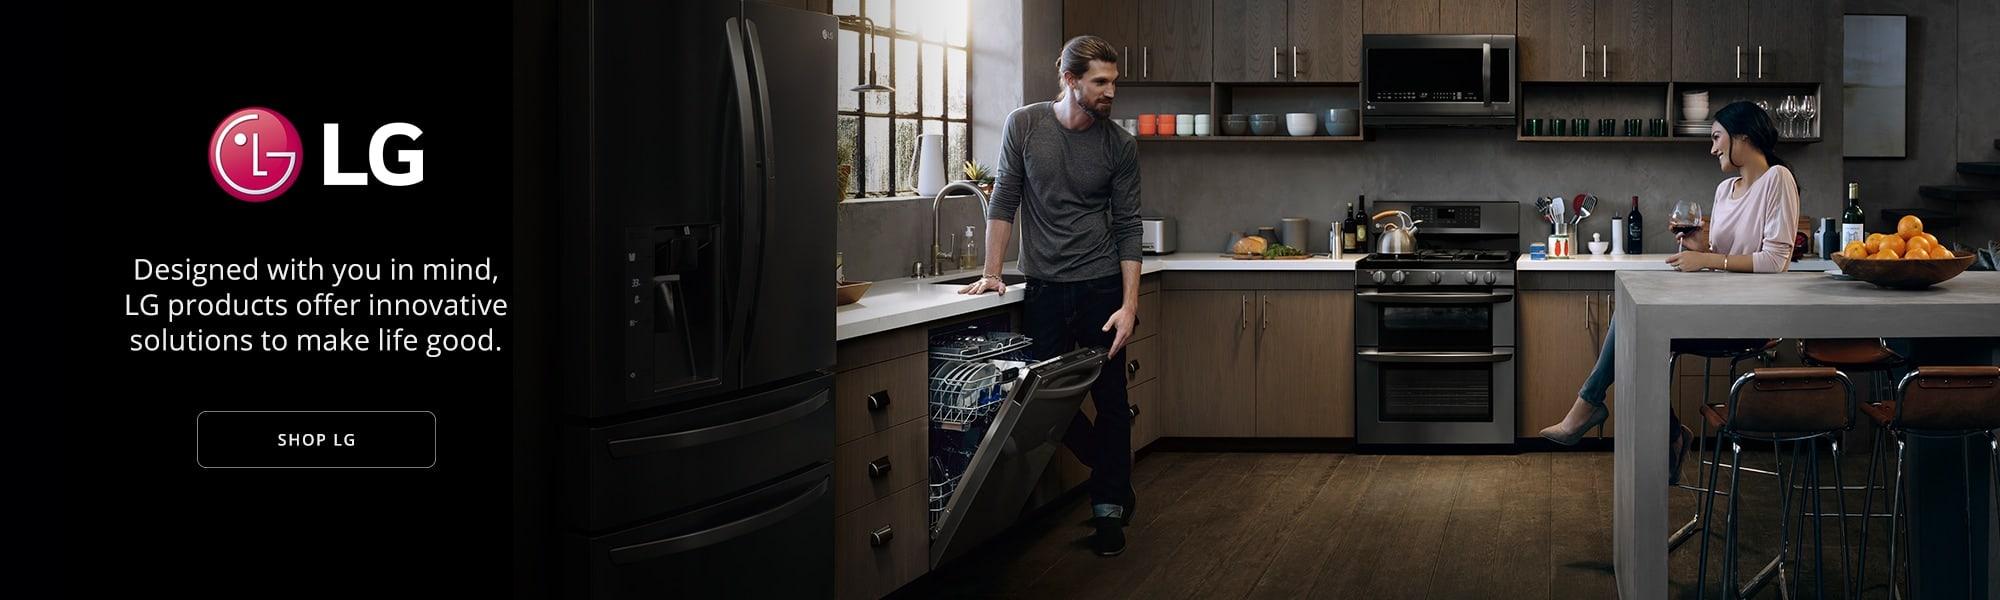 Heydlauff S Appliance Home Appliances Kitchen